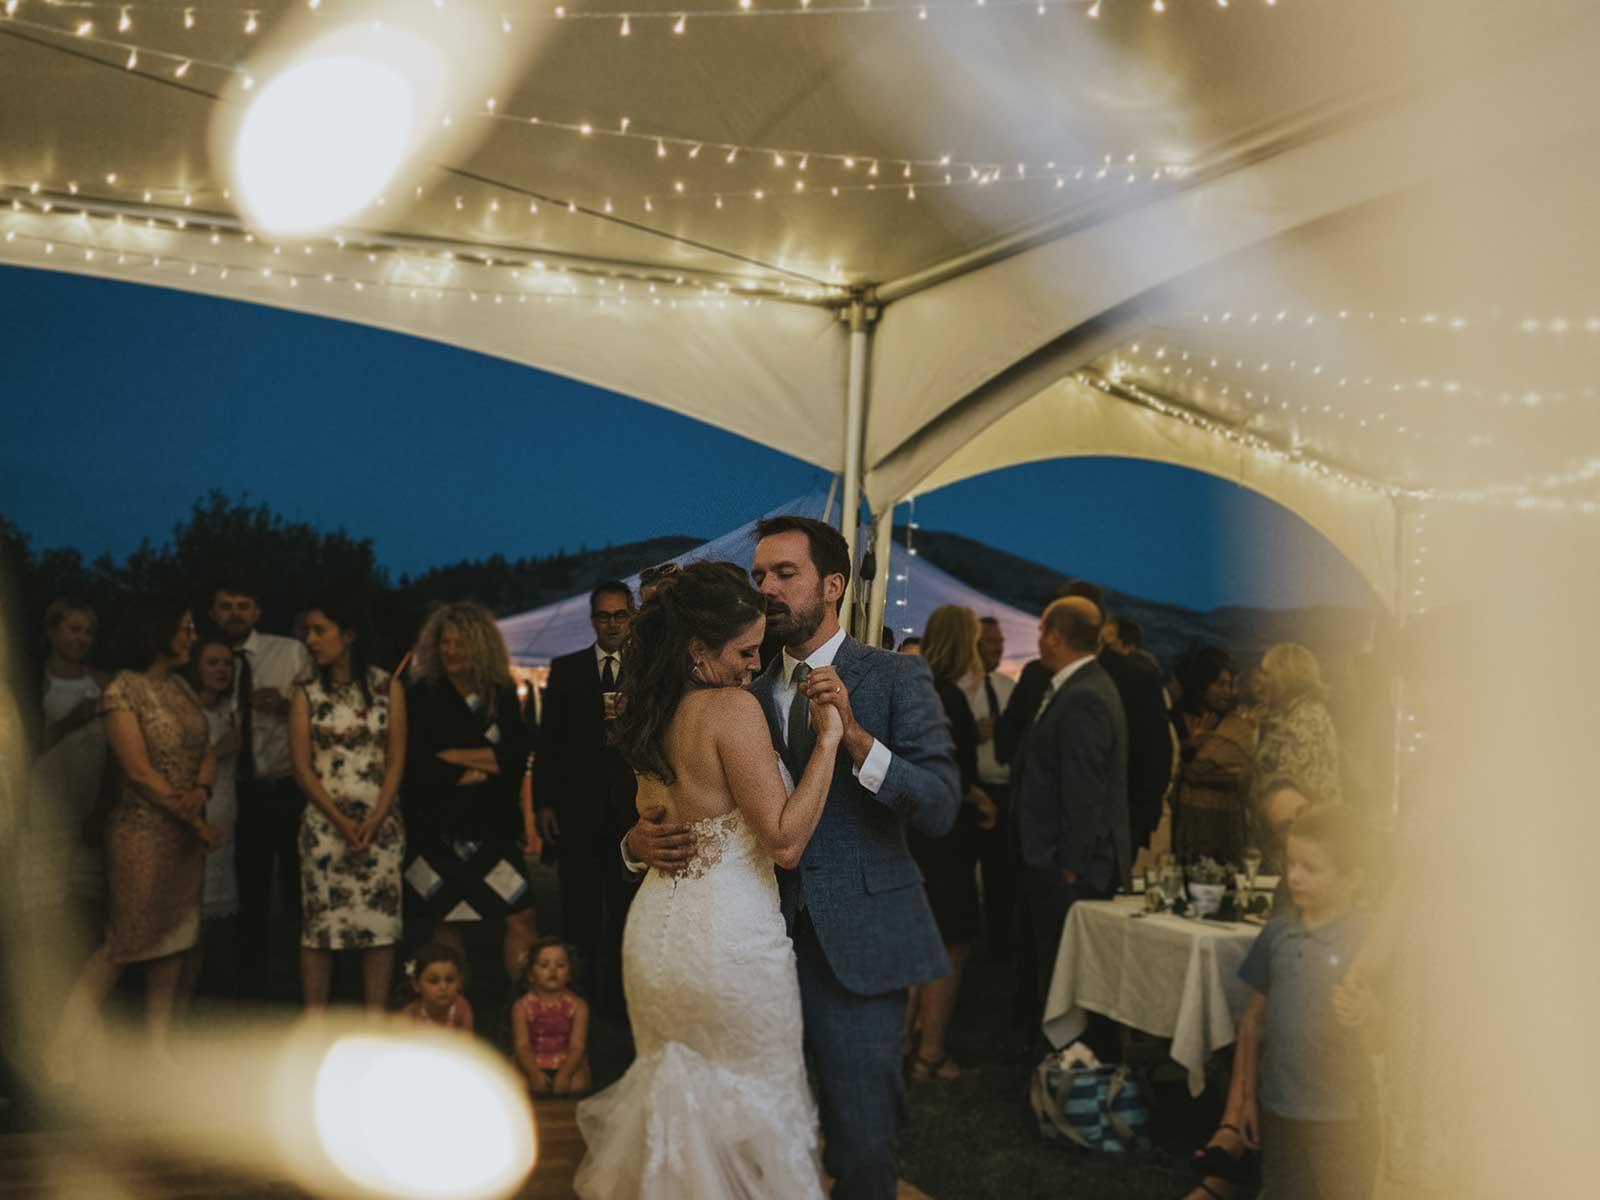 bride and groom dance under wedding tent